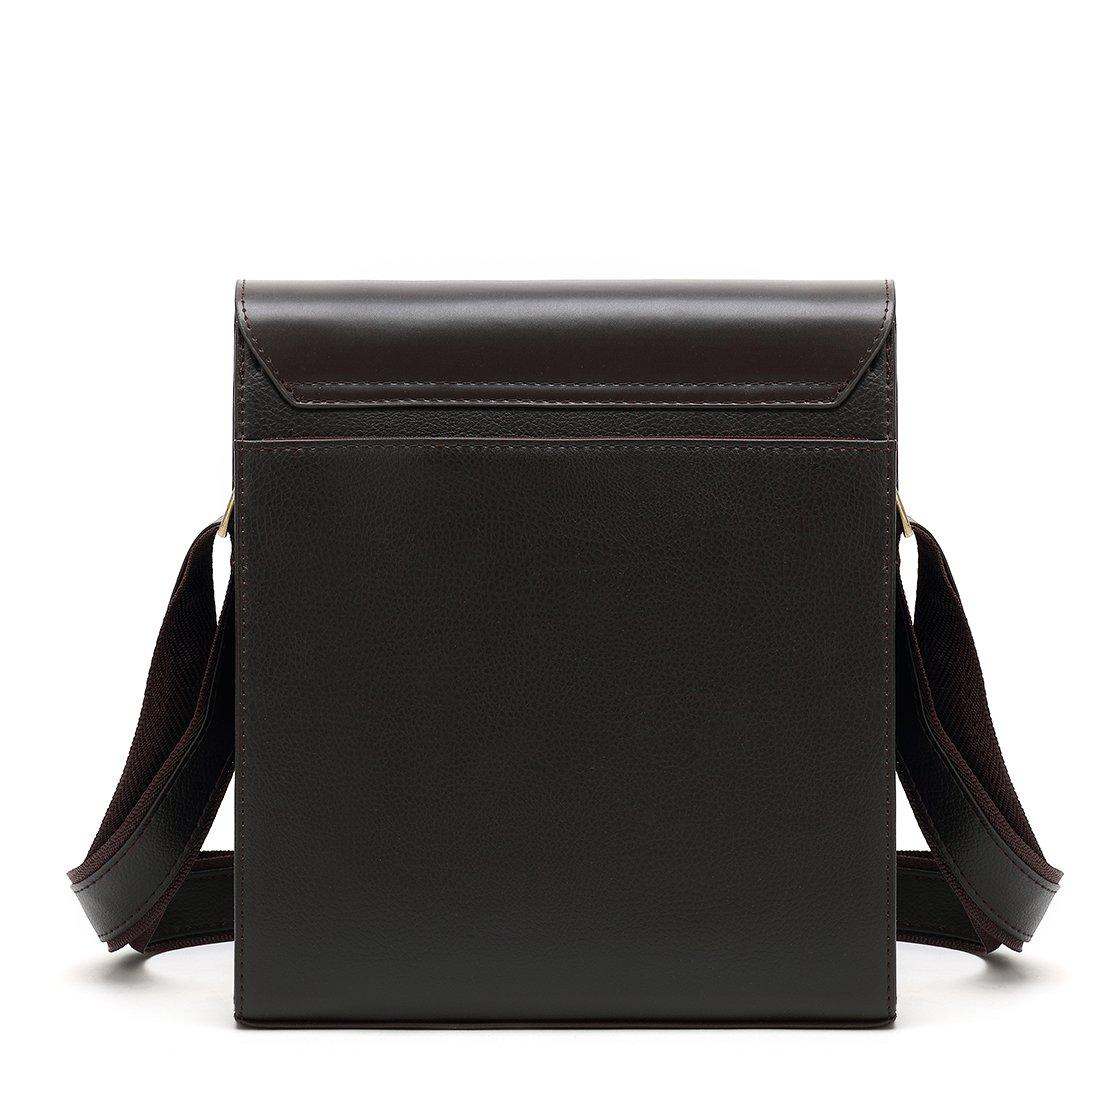 Mioy /Él/égant Sac /à Bandouli/ère en Cuir Pour Homme Sacoche Petit Sac /à /Épaule Retro Sac de Messager Mini Business Sac /à main